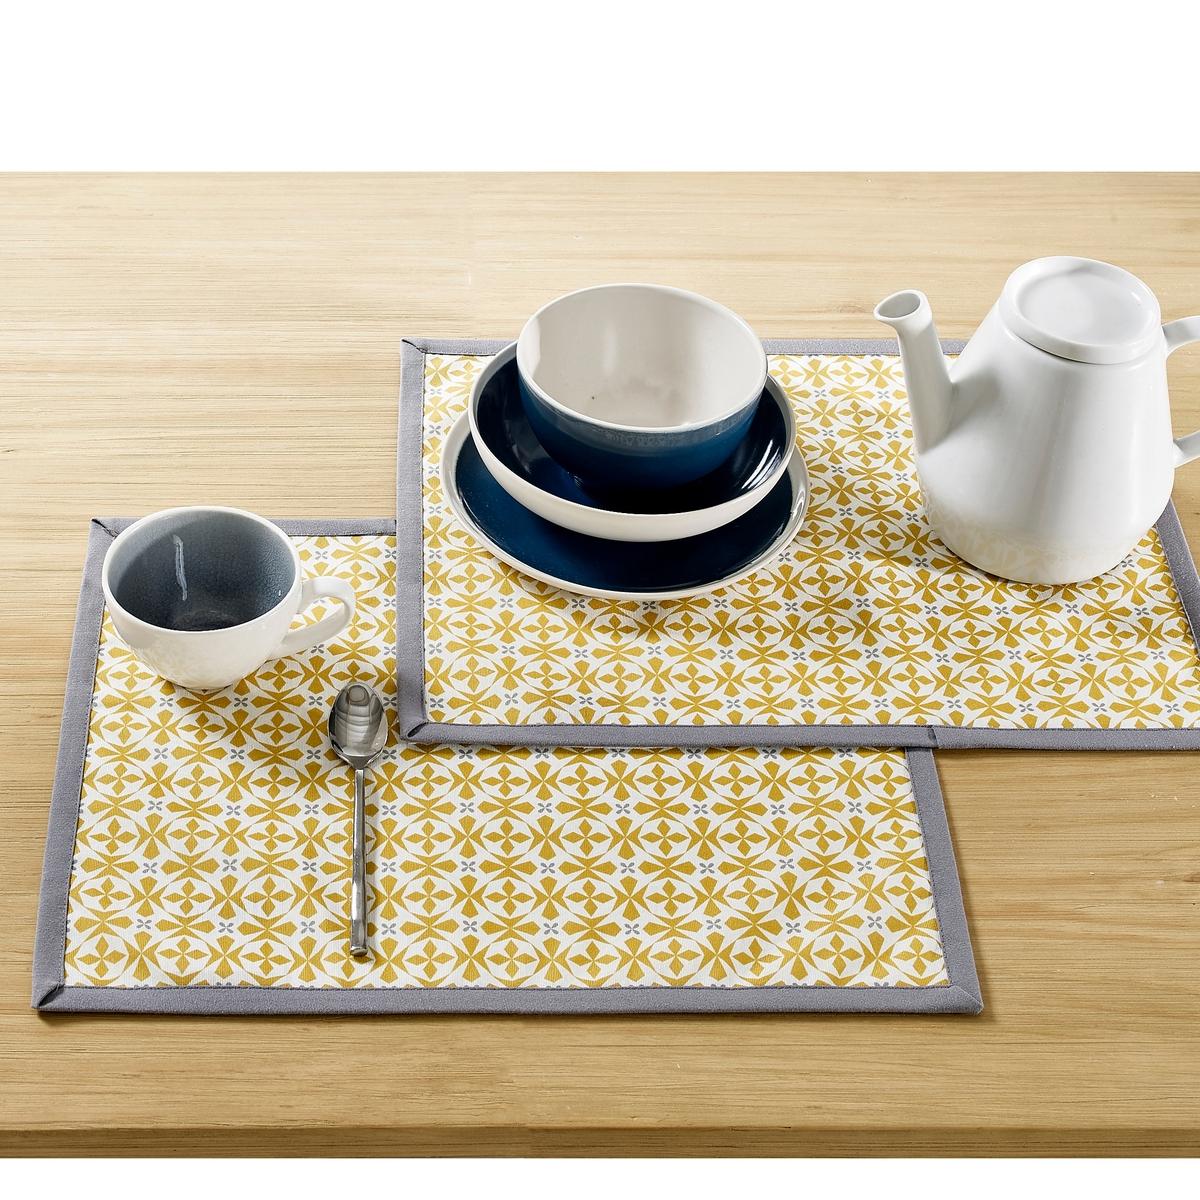 Комплект из 2 салфеток под приборы AZILIA желтого цвета салфетки la pastel комплект салфеток новогодний 30х40